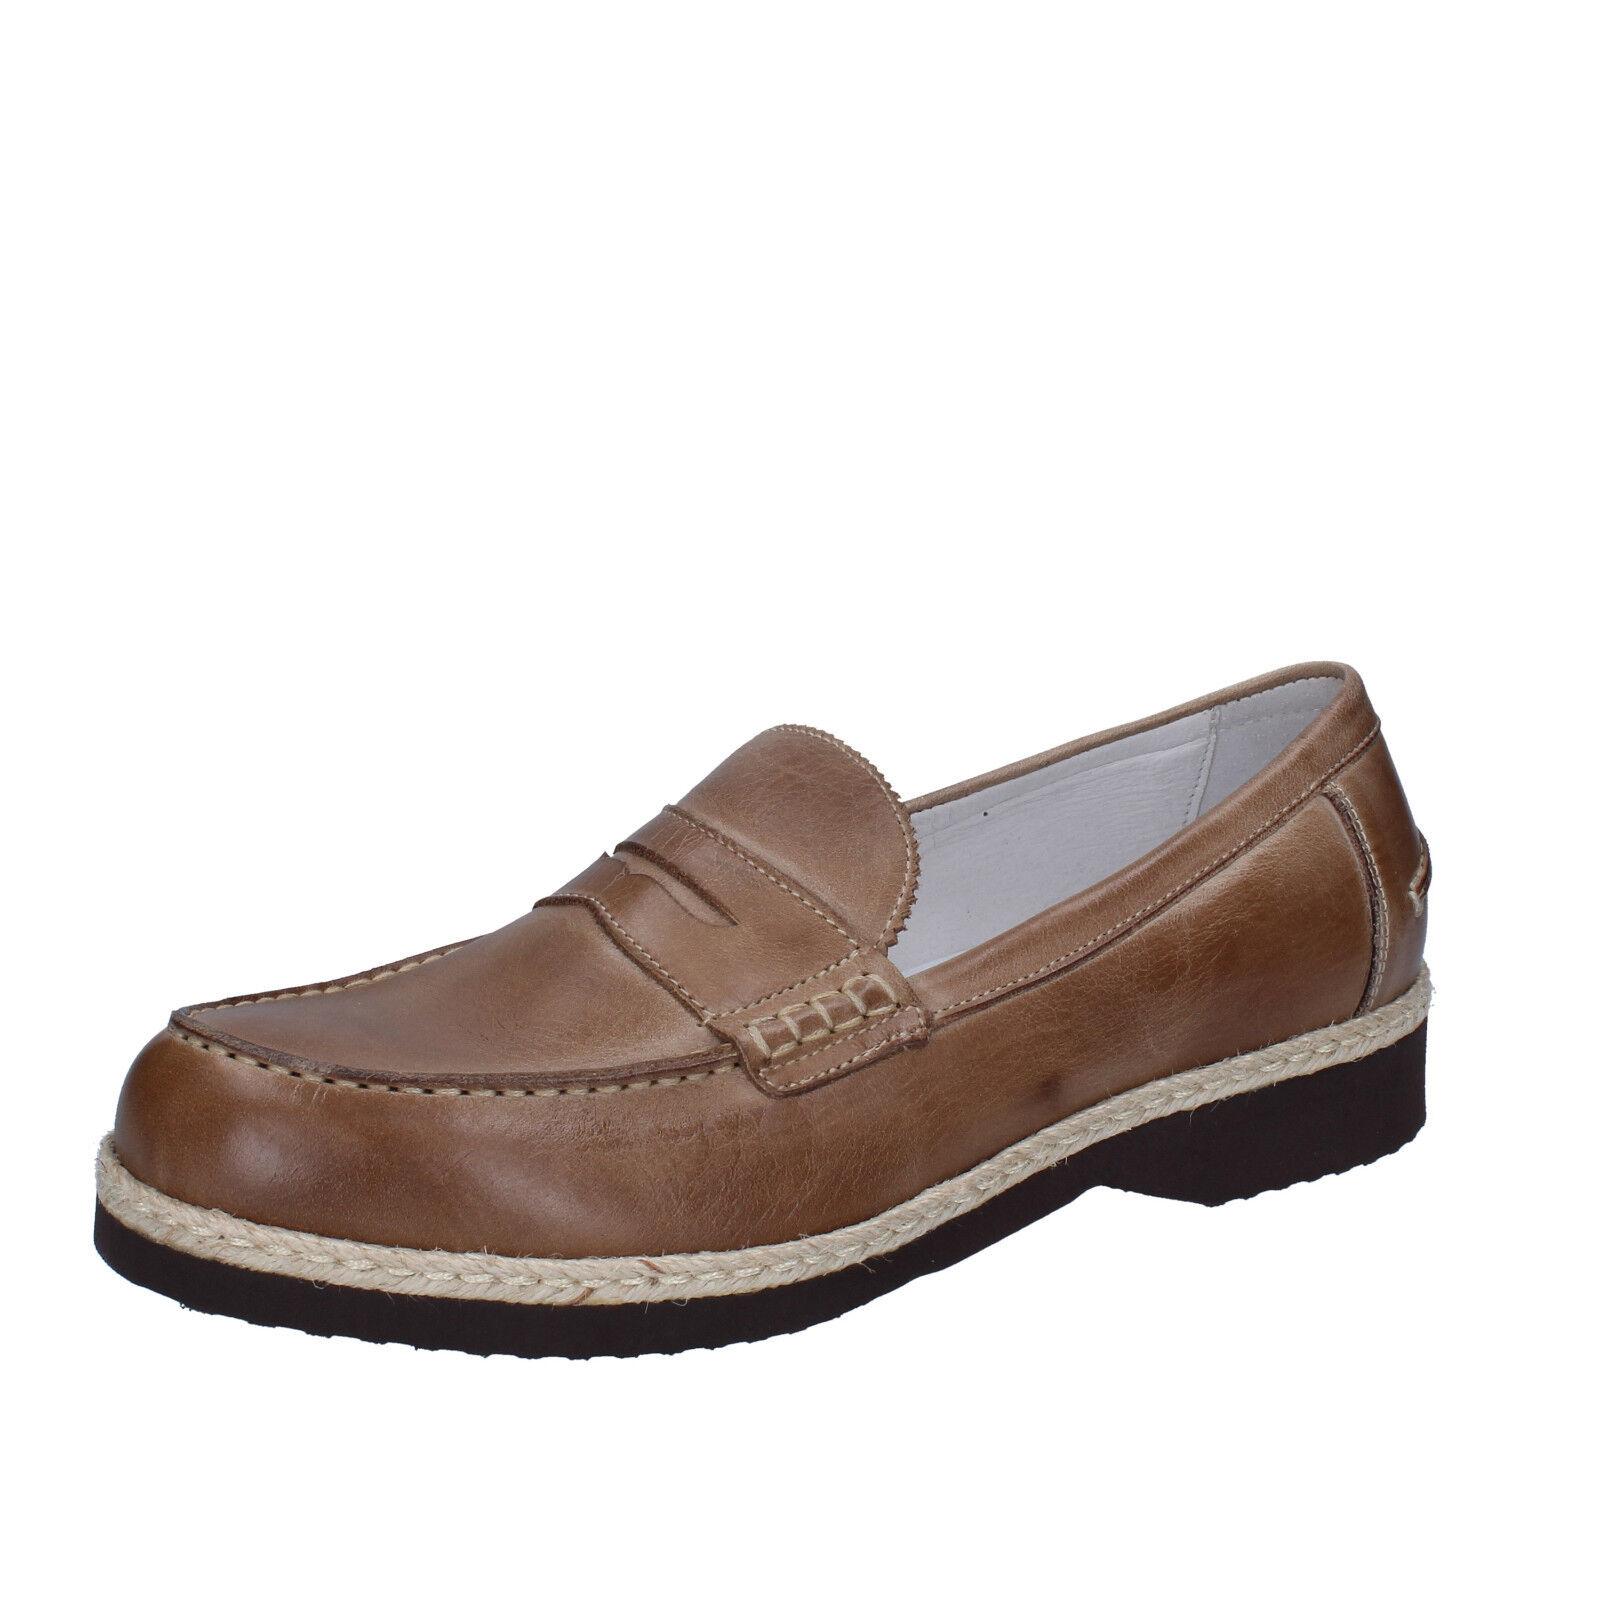 Mens zapatos EVOLUZION 10 (EU 44) loafers beige leather BZ405-C